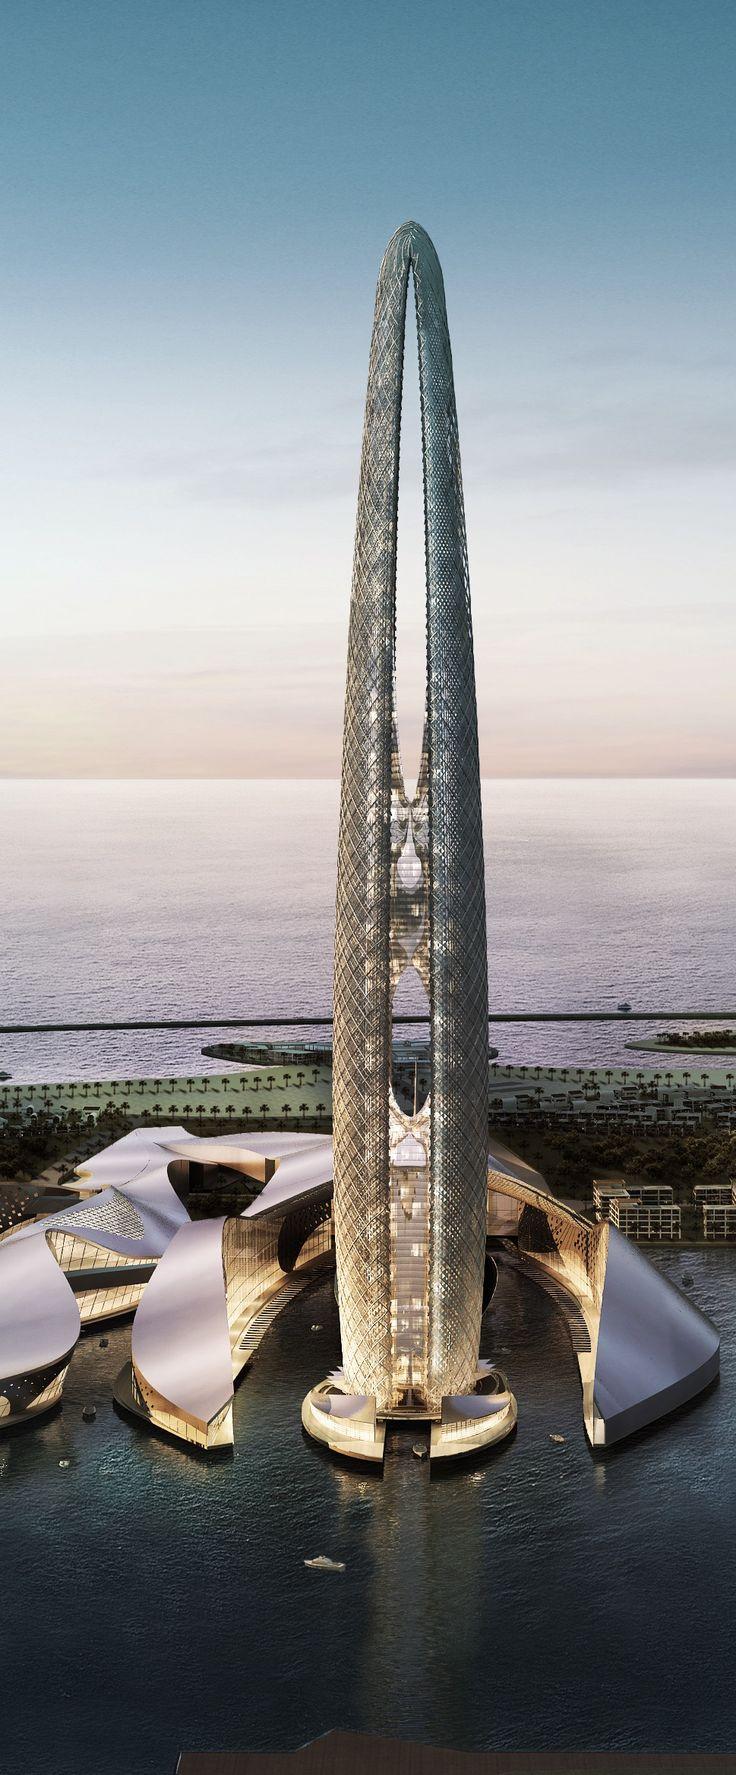 Torre da Ilha Lulu, Abu Dhabi, Emirados Arabes Unidos (UAE), projetado por Skidmore, Owings & Merrill (SOM) Architects. Tem 75 andares, altura 400 m.